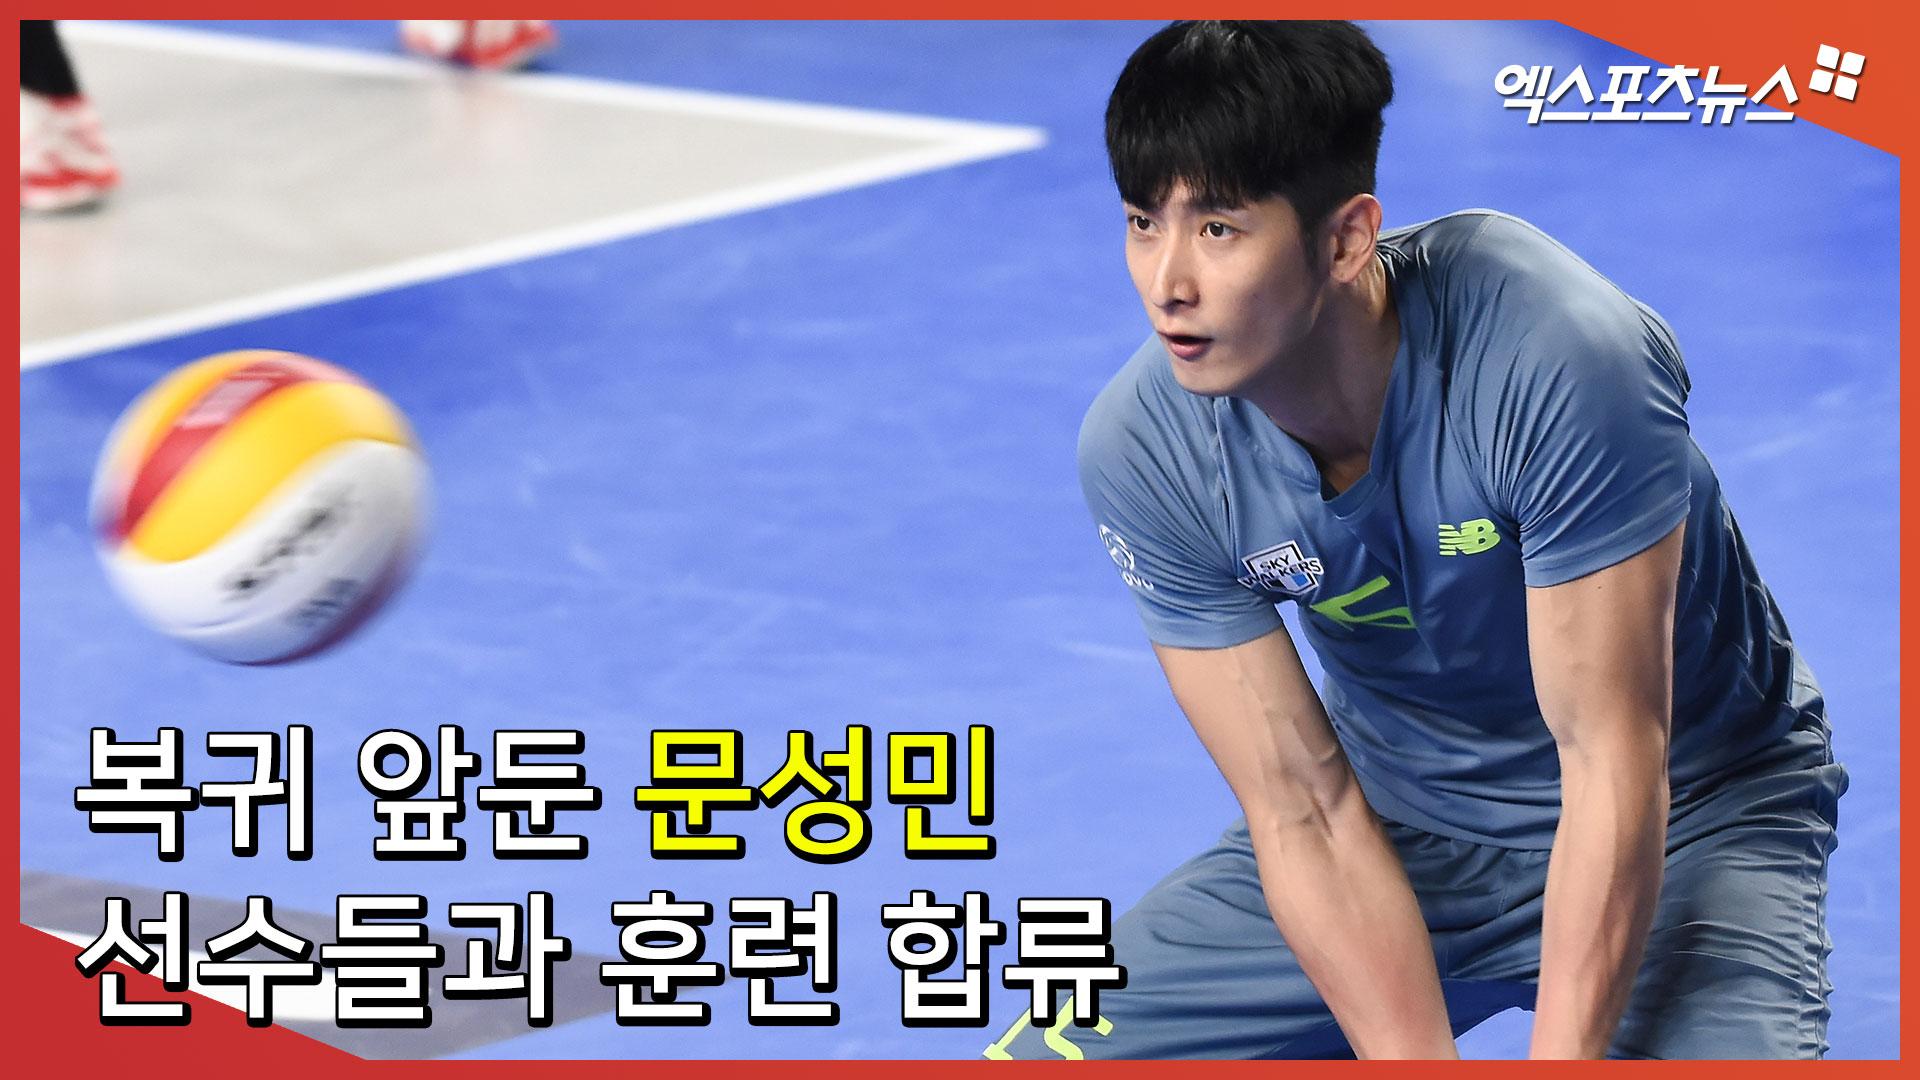 복귀 앞둔 문성민 '선수들과 훈련 합류'[엑's 스케치]